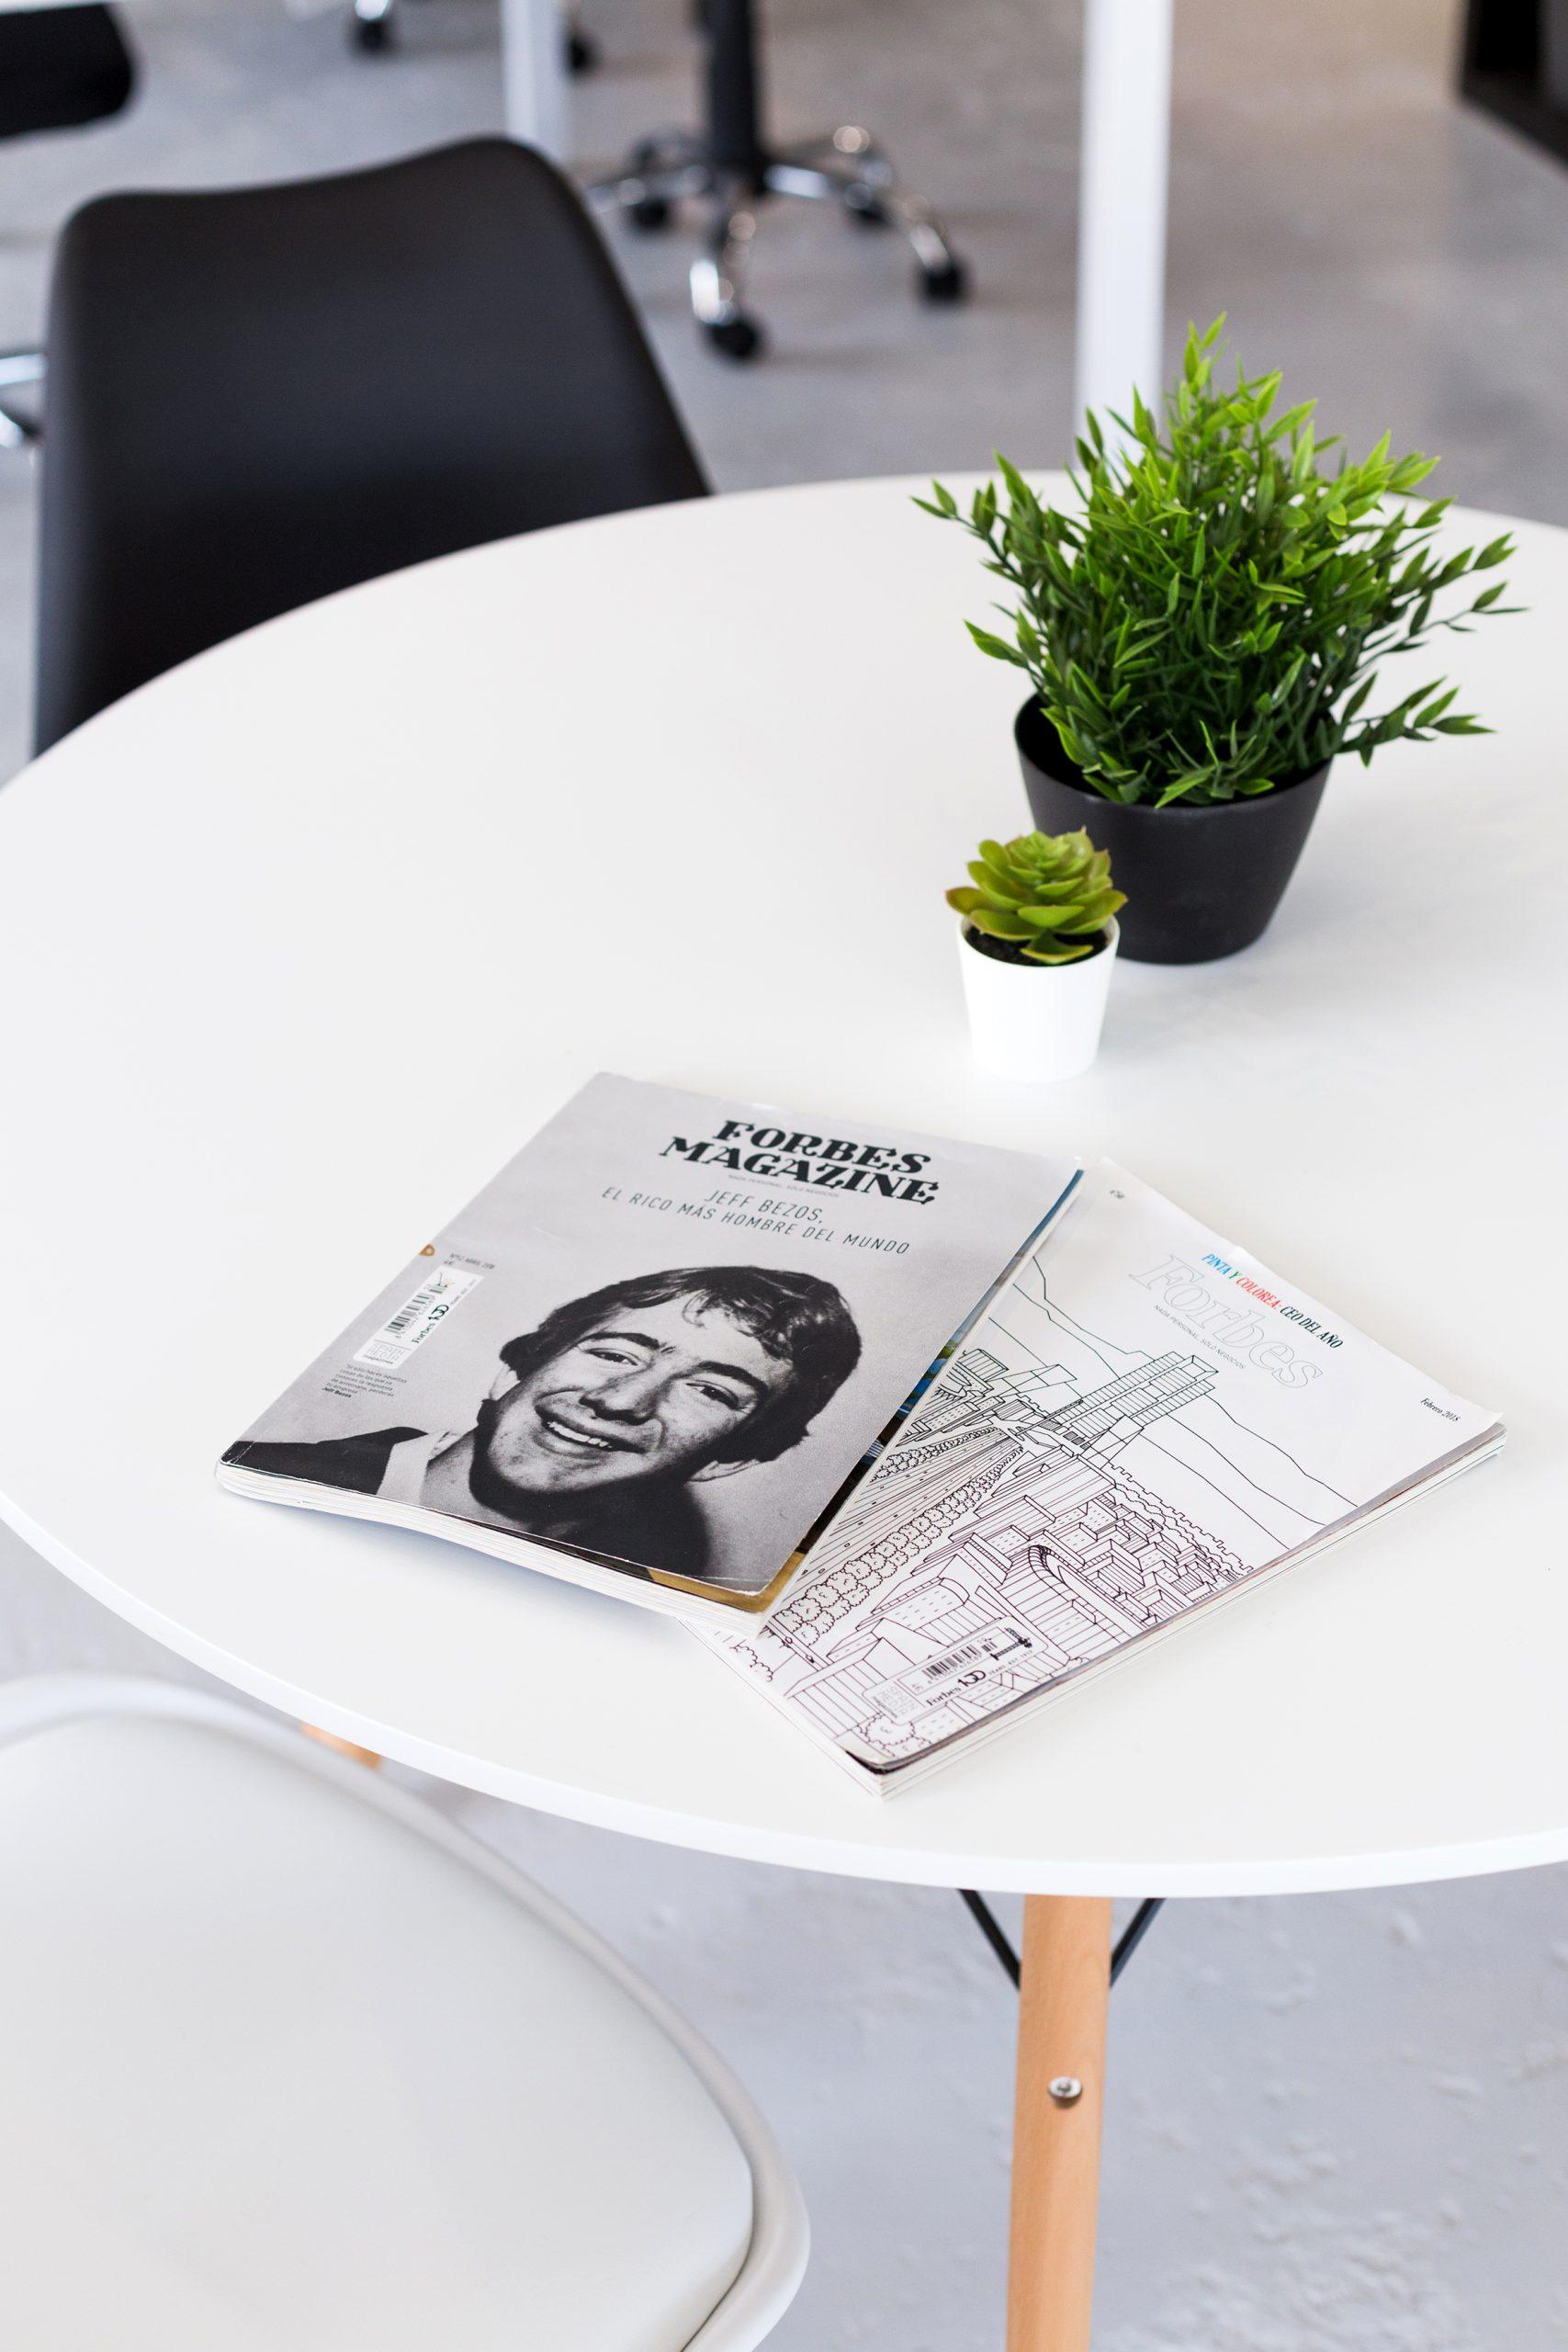 Biworking-mesas-coworking-forbes-magazine-bilbao-concentración